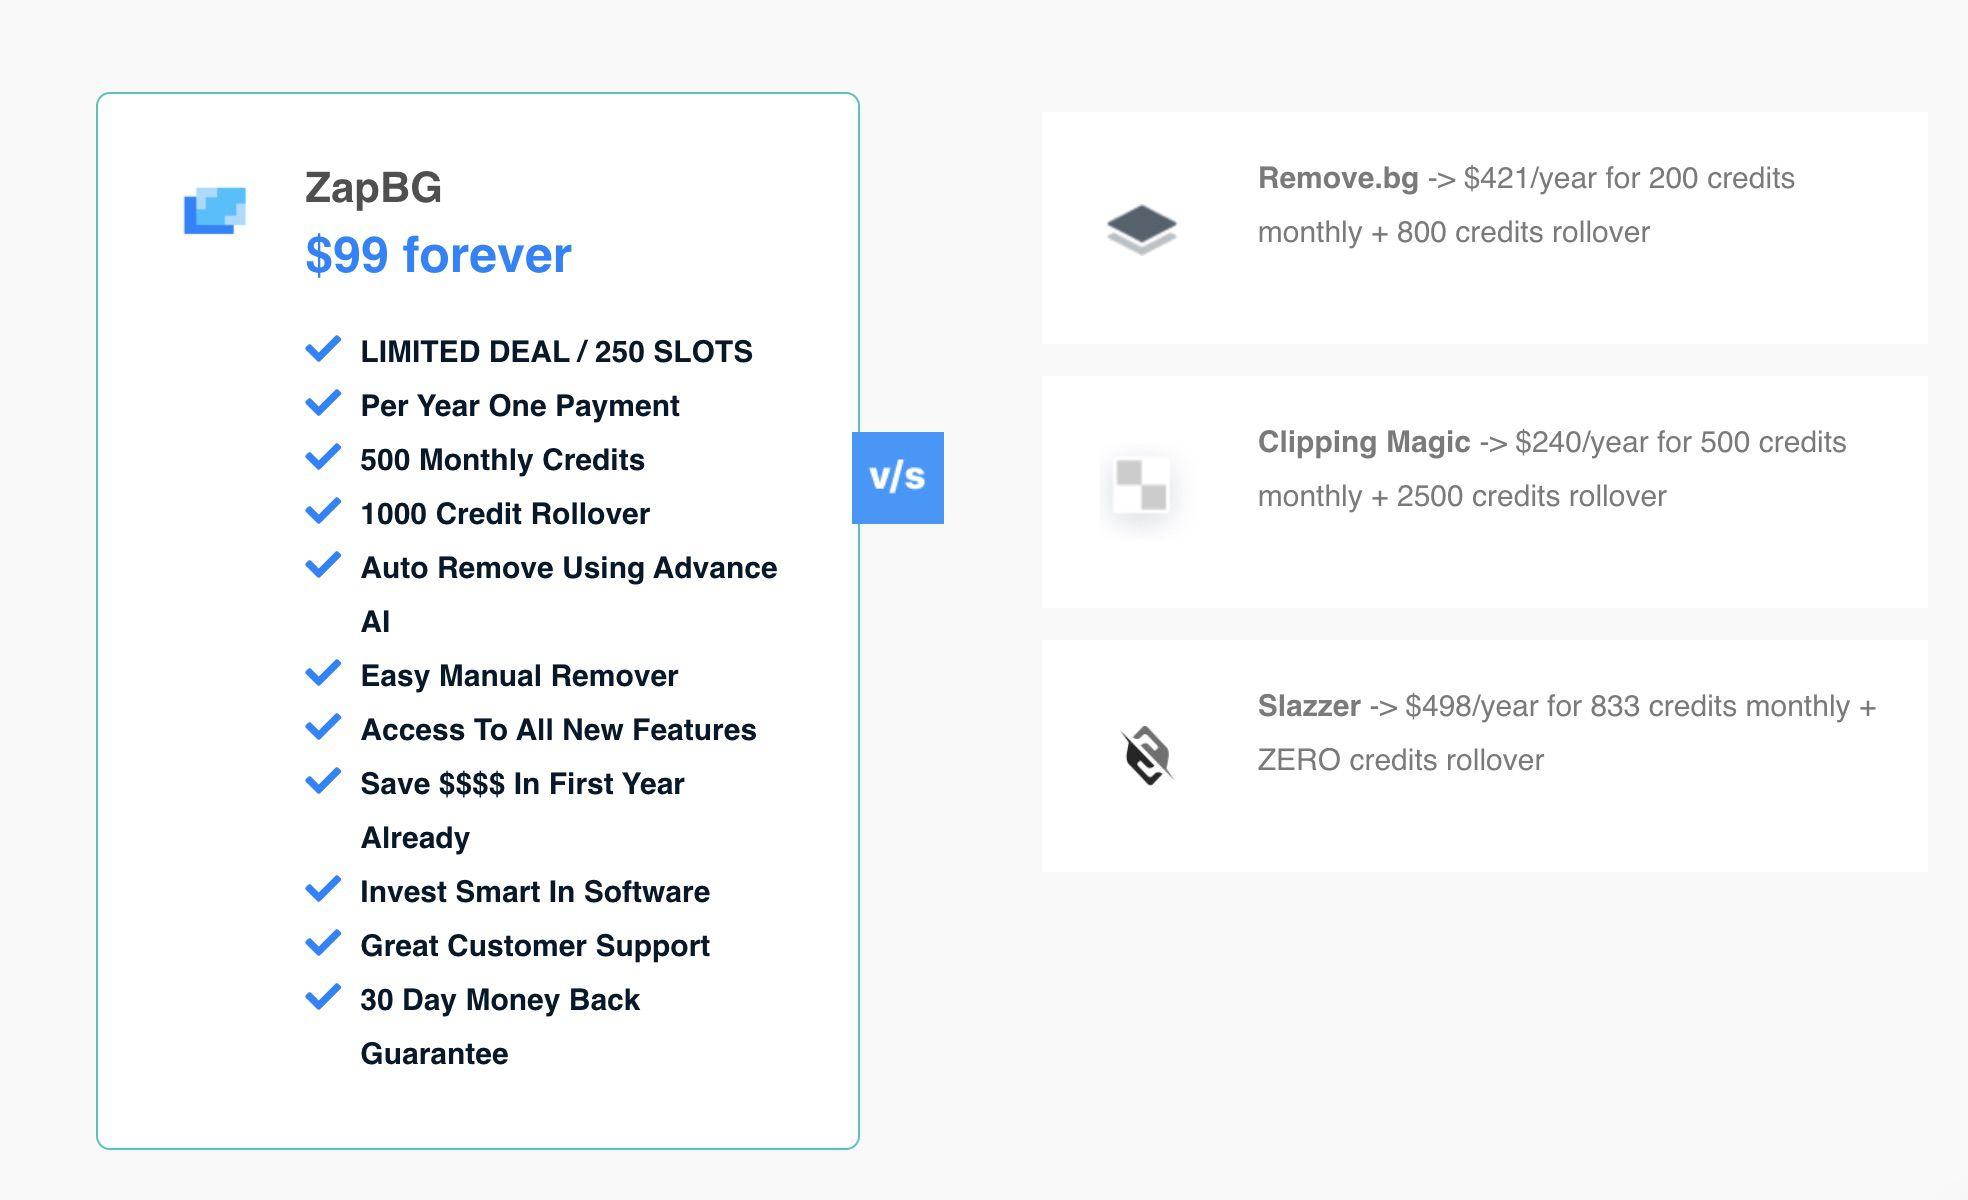 comparaison des prix entre ZapBg et d'autres outils permettant de supprimer des arrières-plans